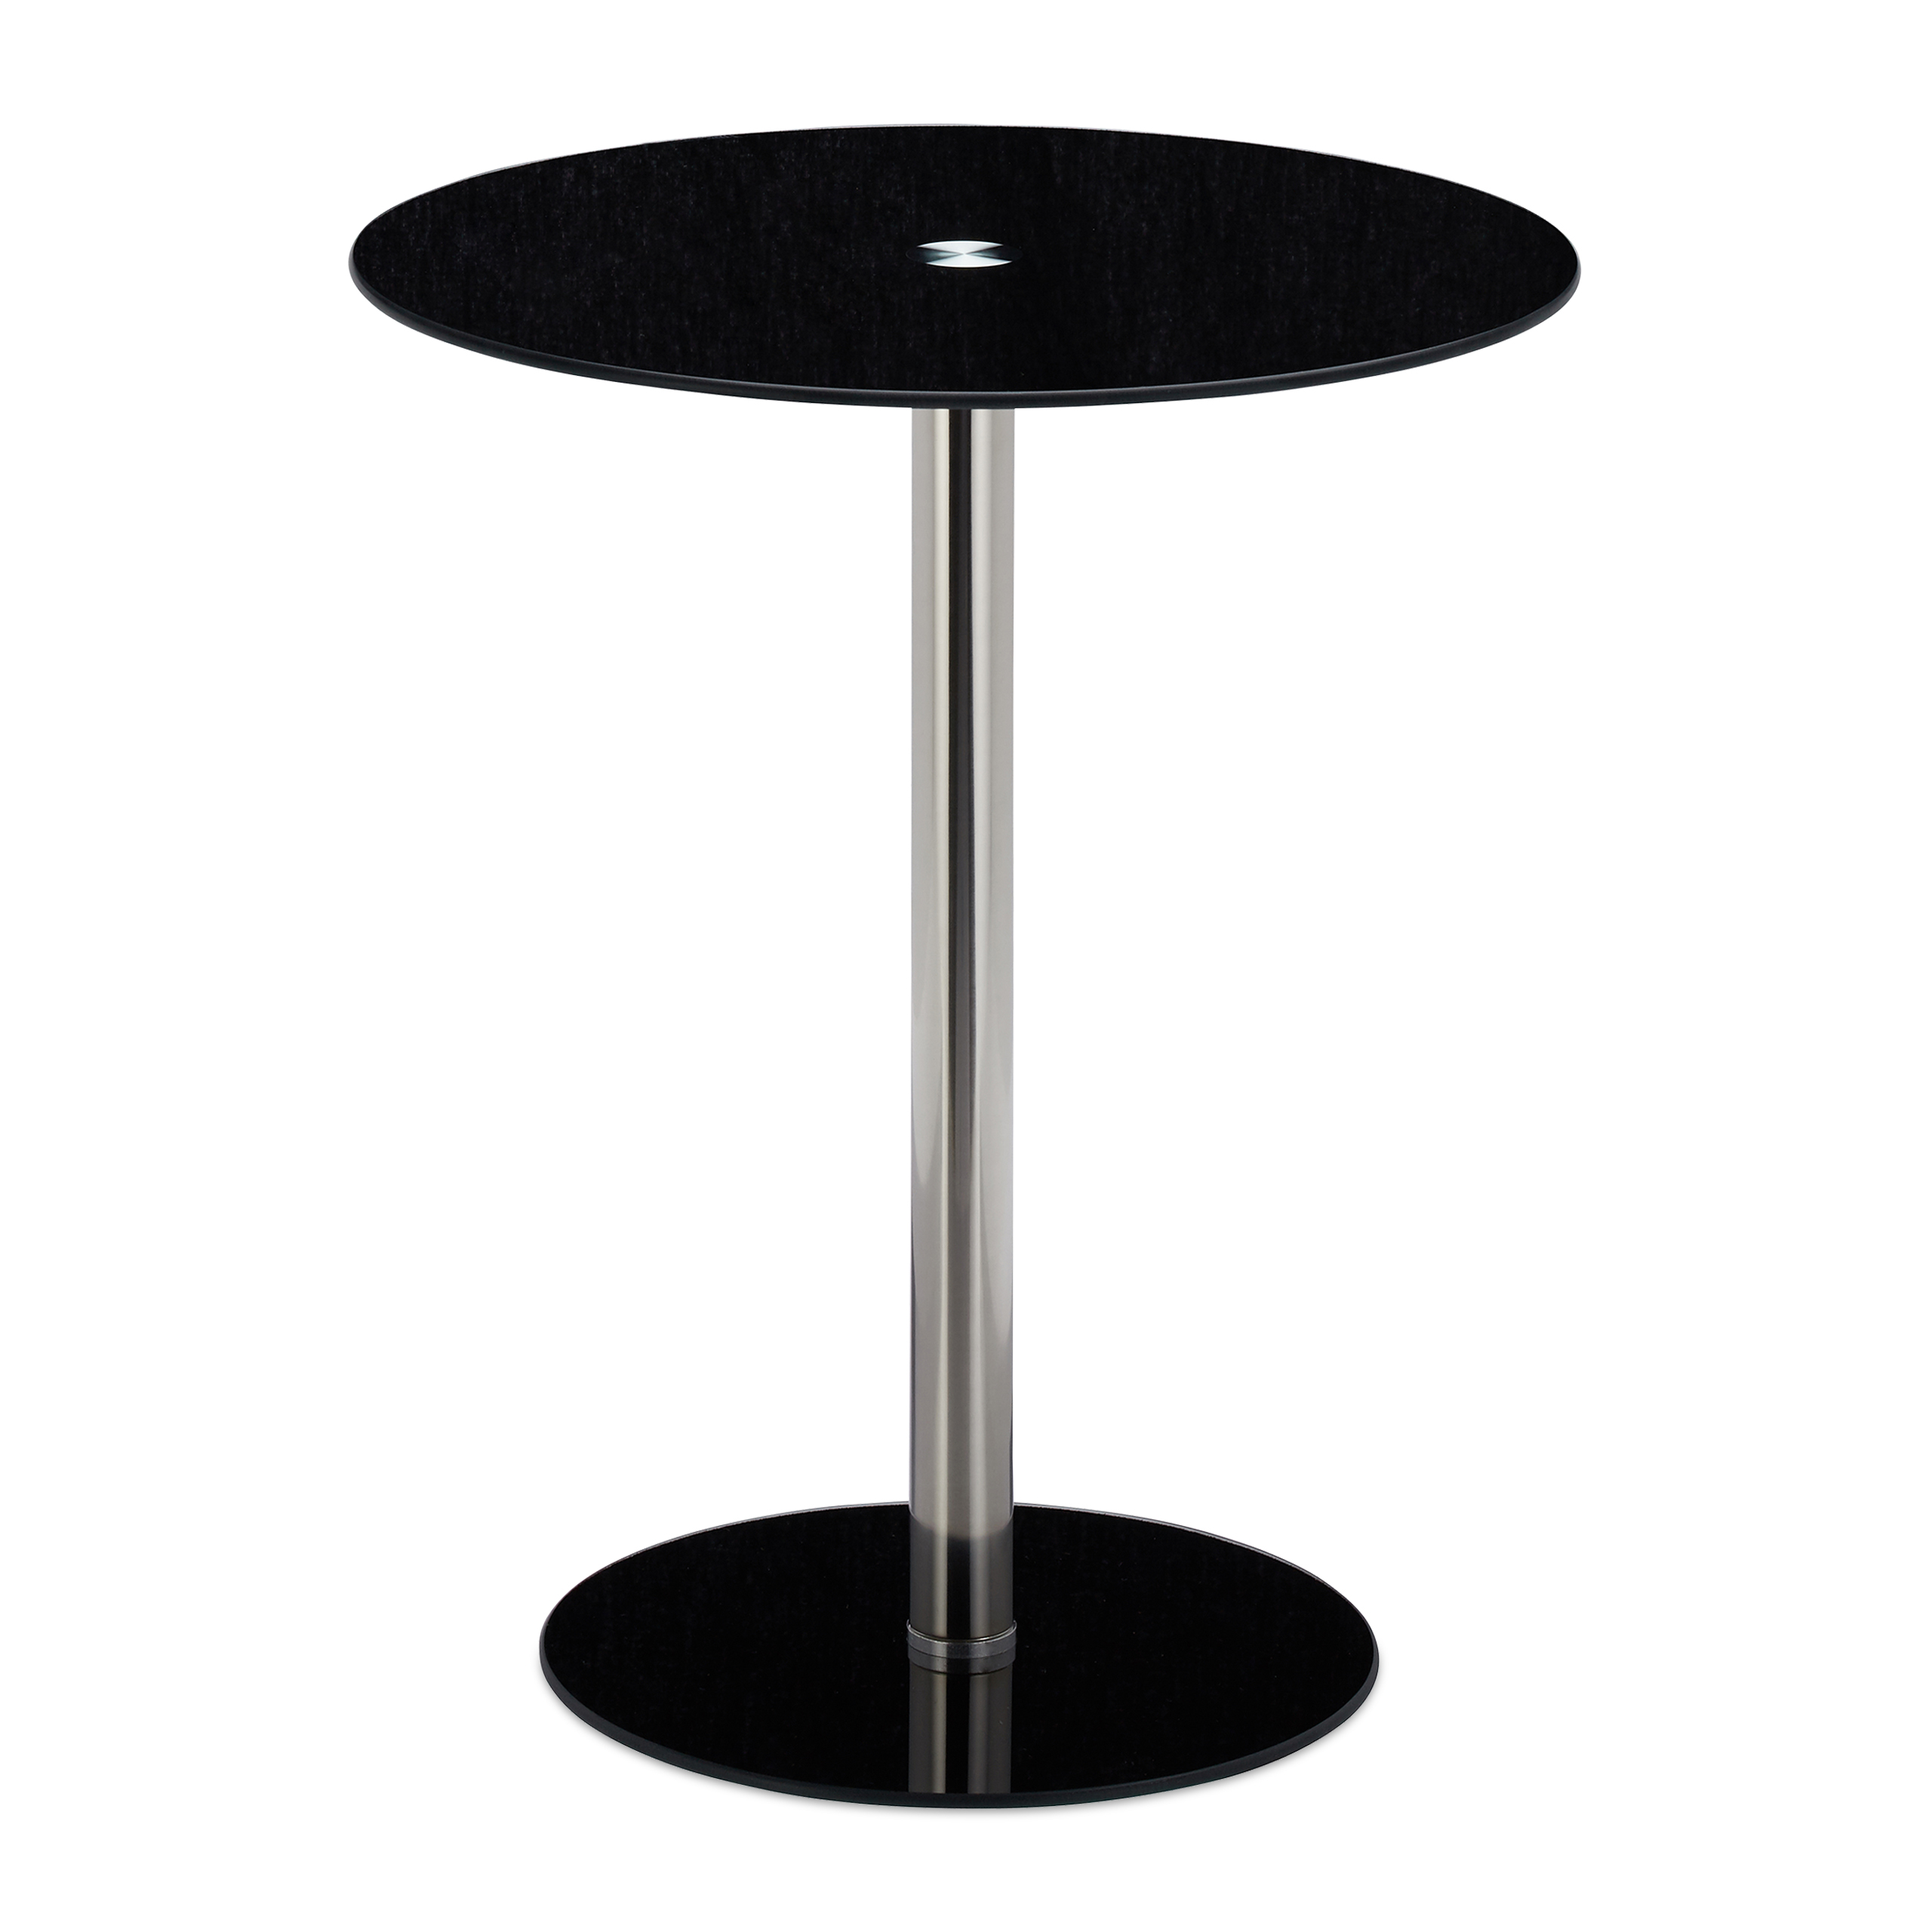 Beistelltisch glas edelstahl rund designertisch sofatisch for Sofatisch rund